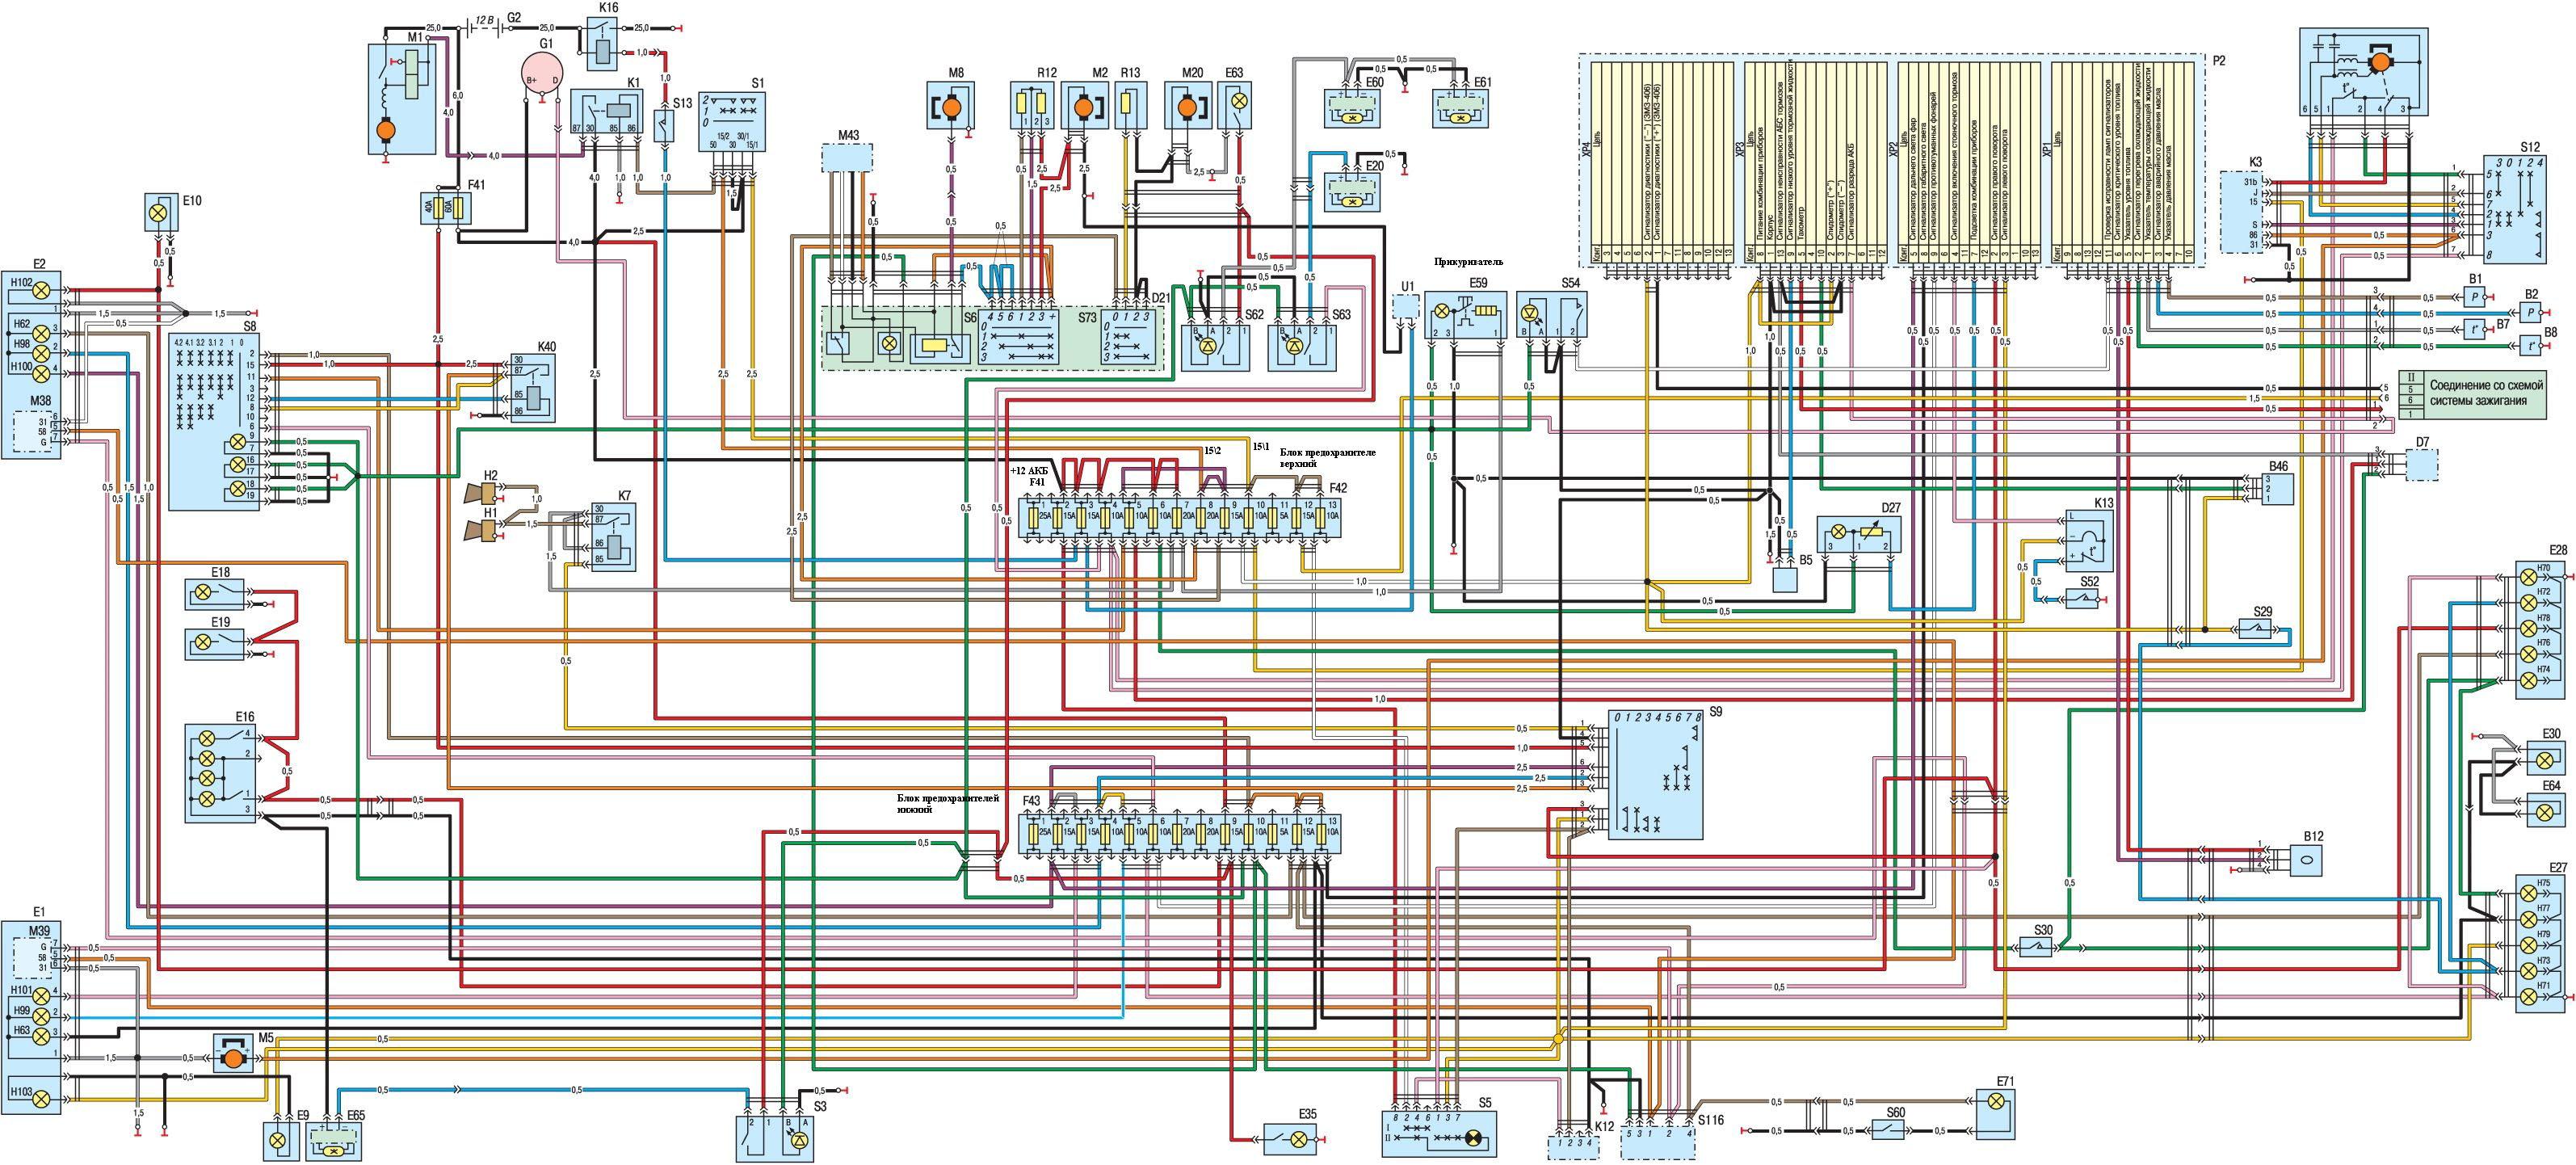 Схема устройства переднего моста - Где кончается 71